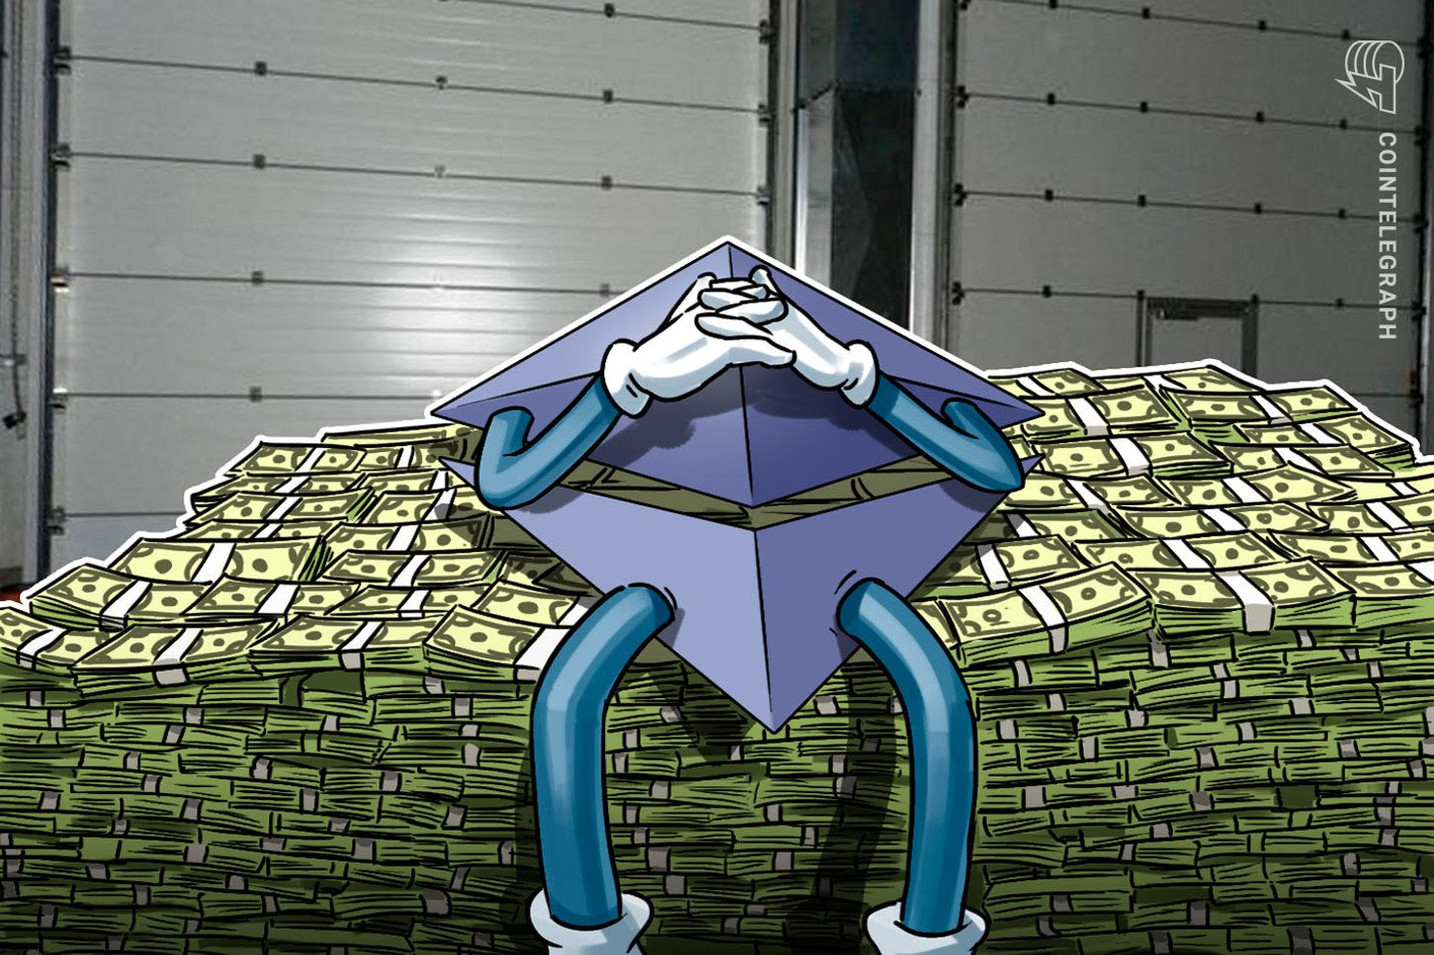 コンセンシスが助成金 イーサリアムのオープンソースソフトウェア開発向けに17万5000ドル